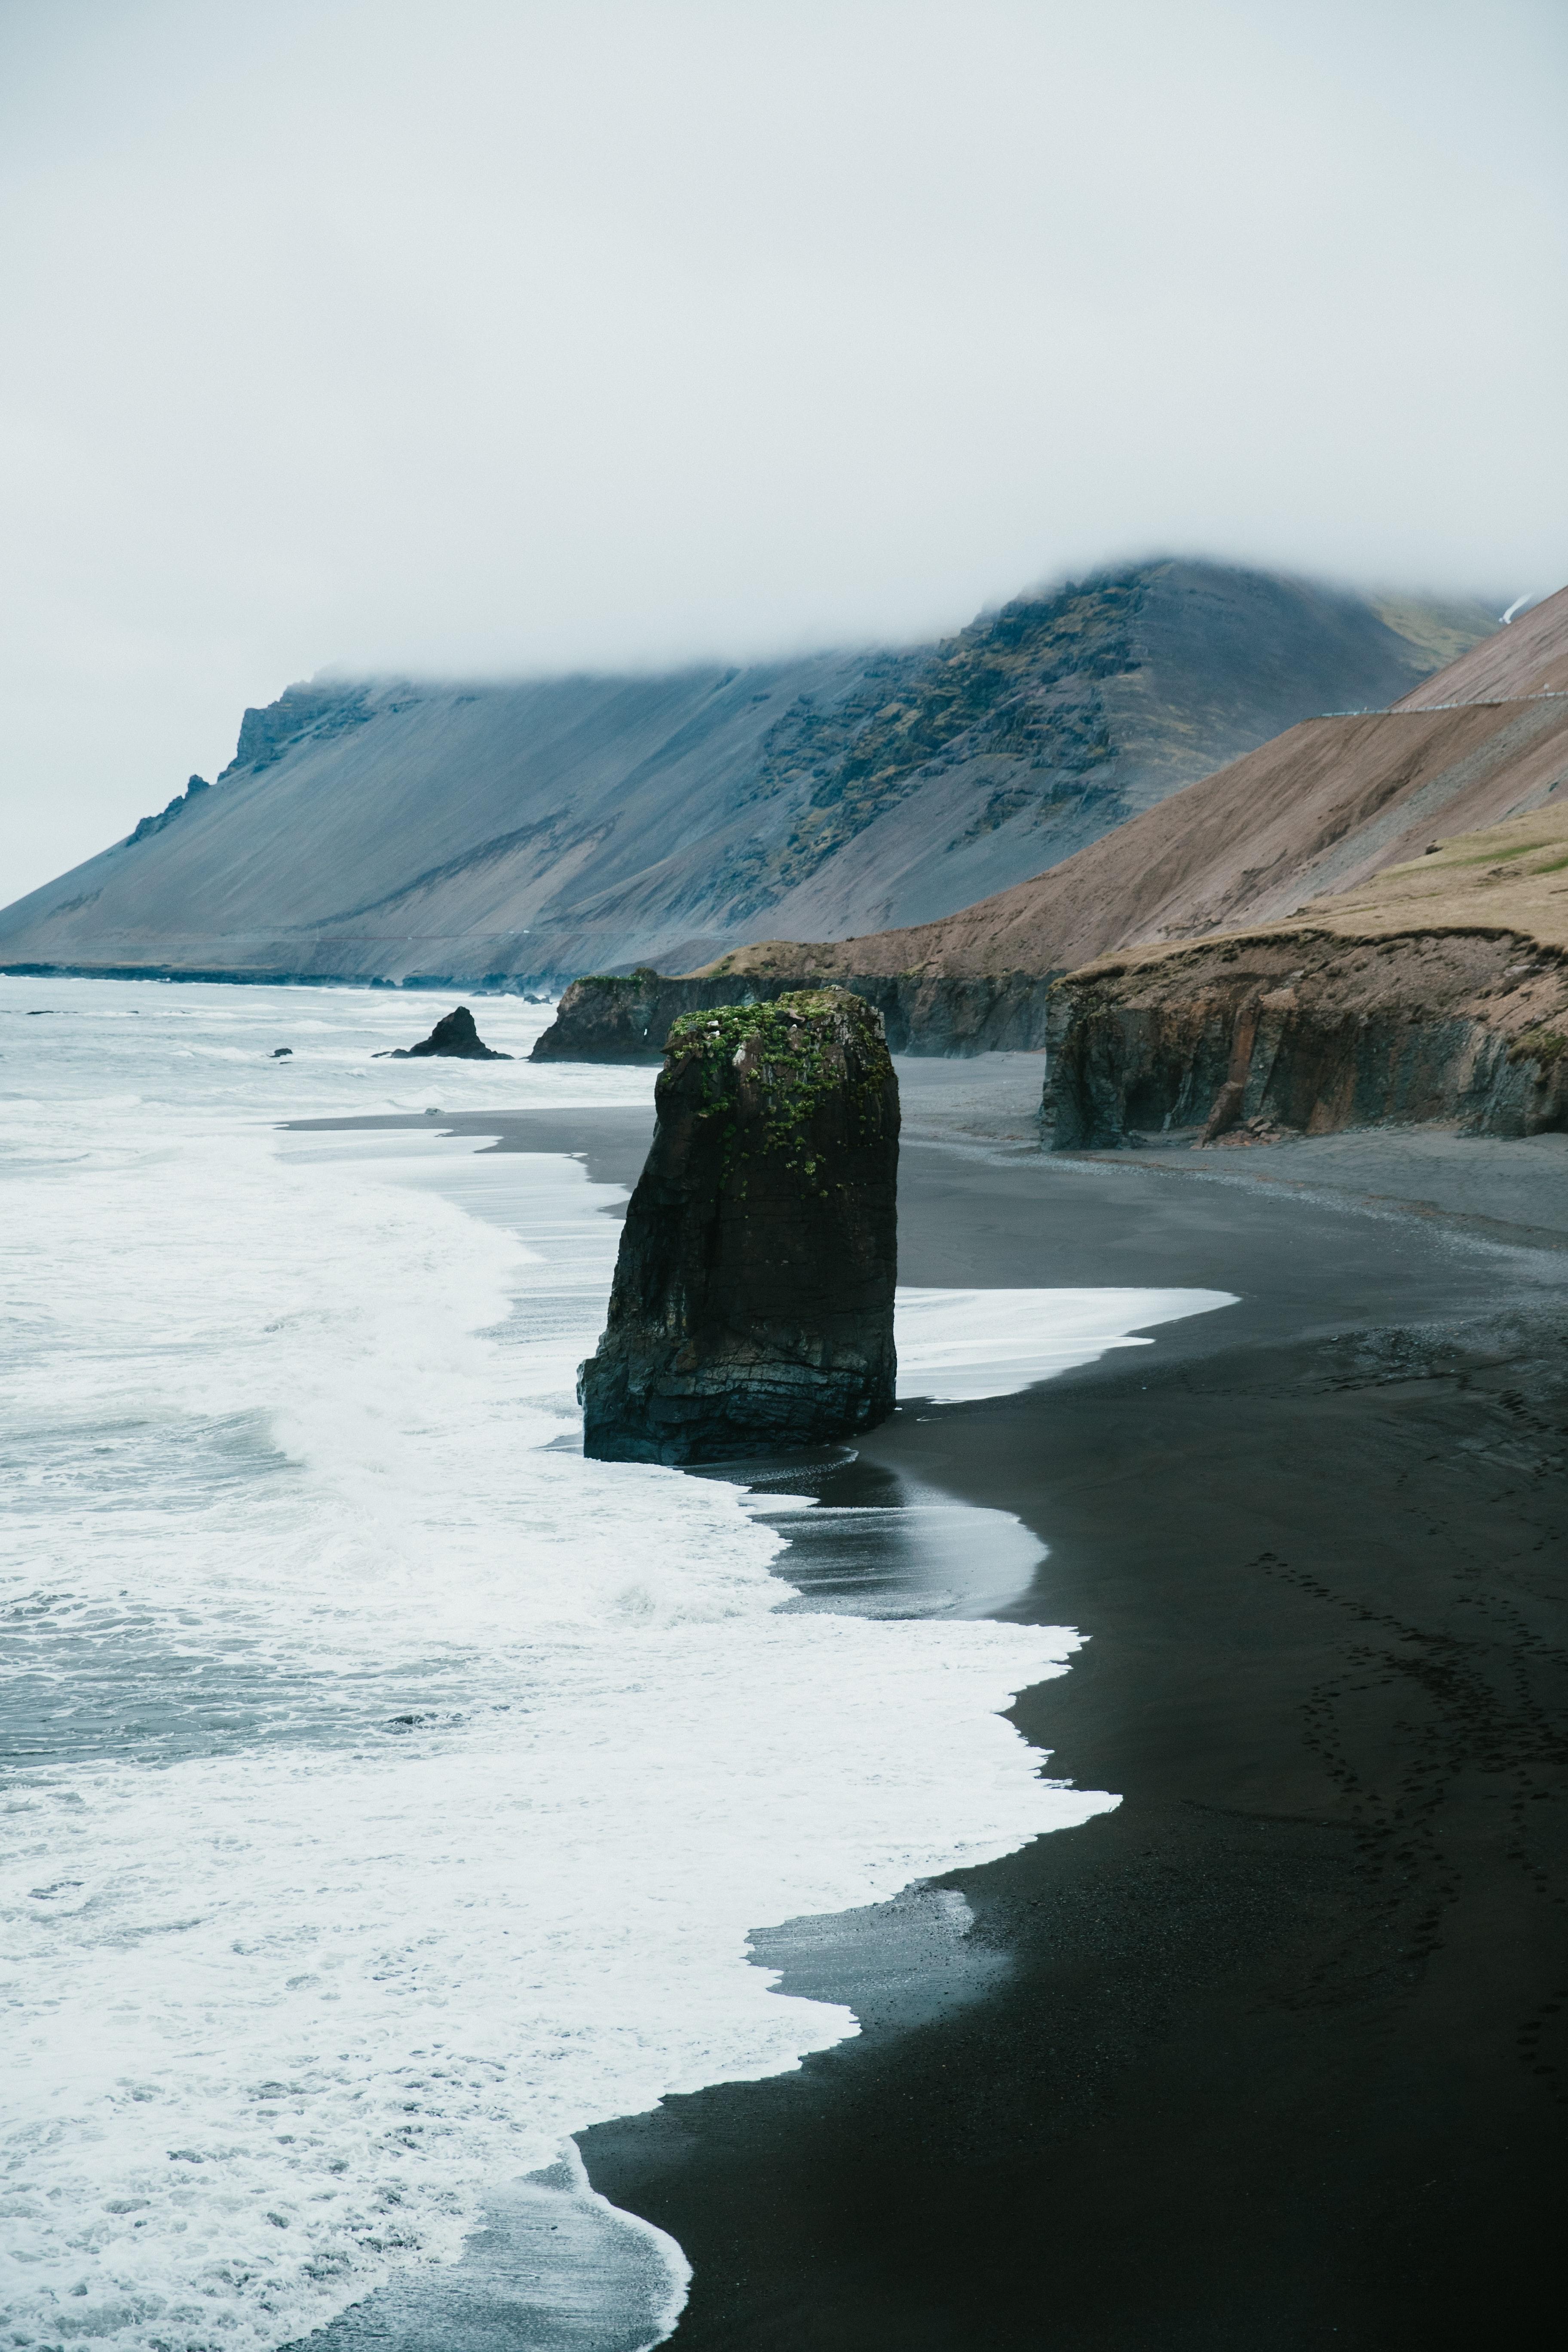 145882壁紙のダウンロードビーチ, 海洋, 大洋, 岩, 水, 自然, 山脈-スクリーンセーバーと写真を無料で